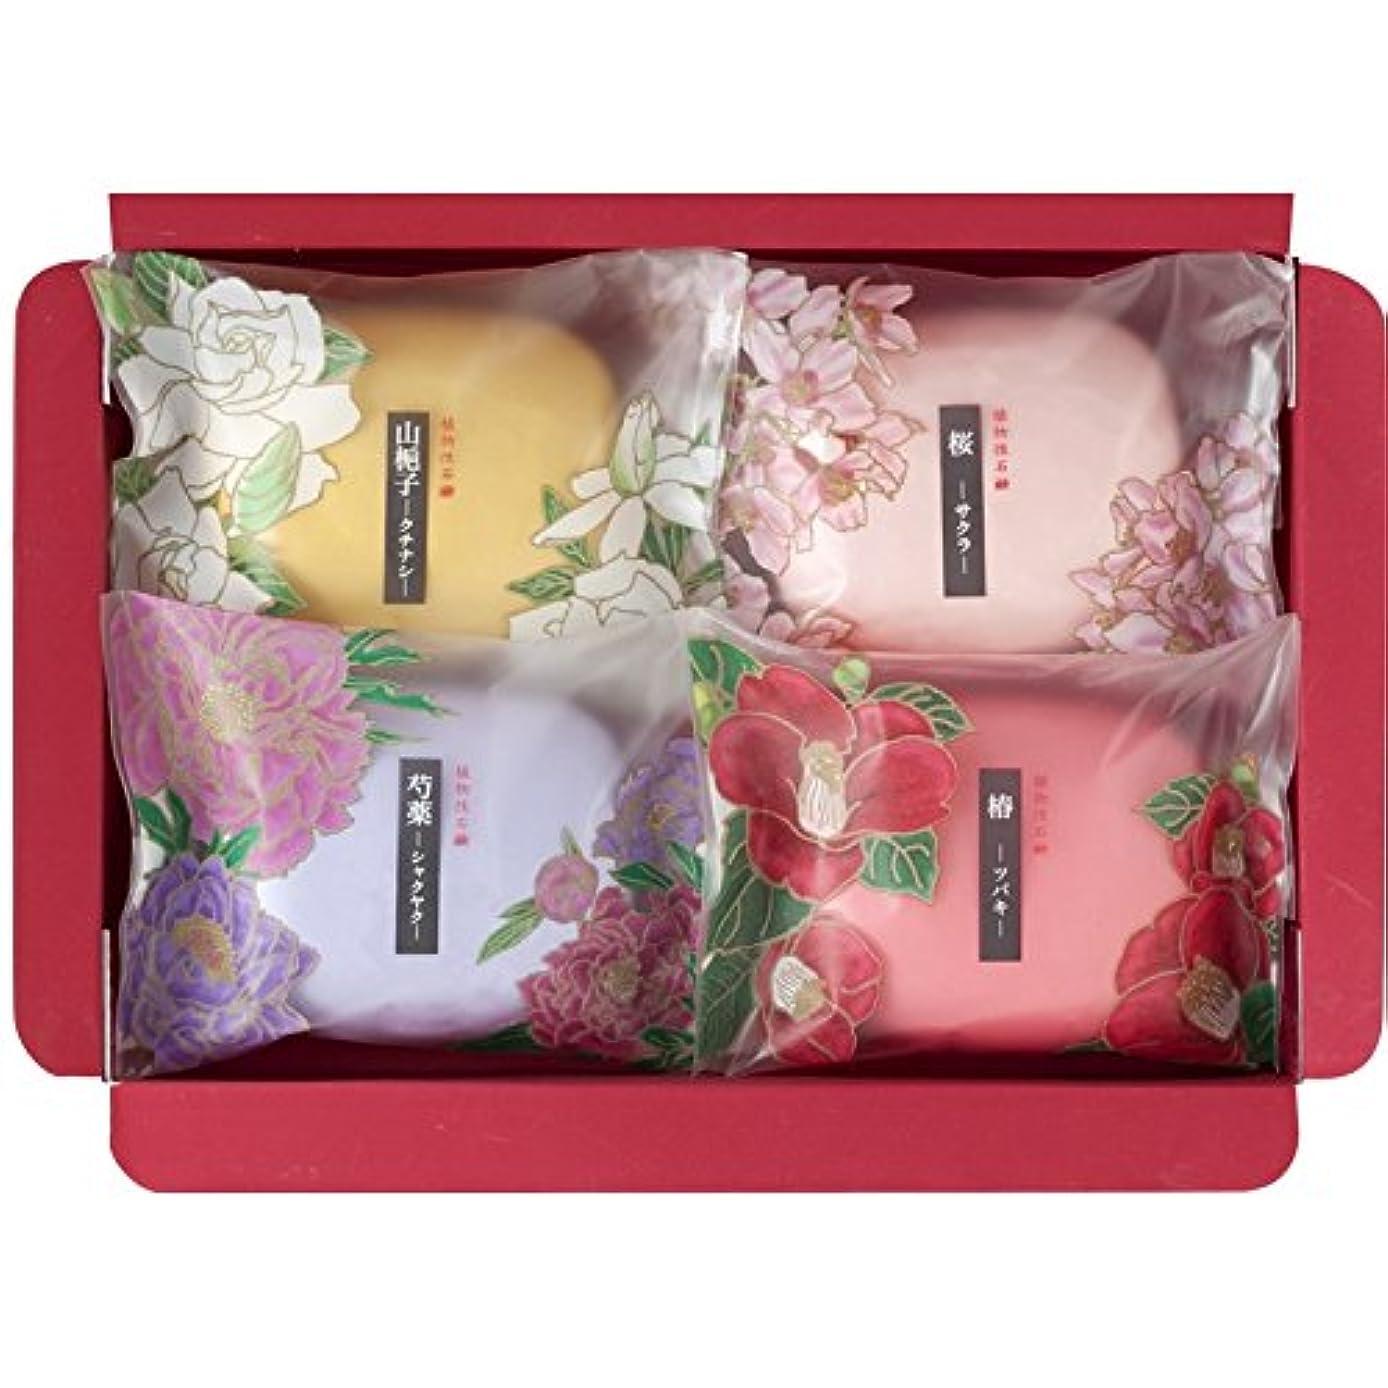 有用入植者ジュニア彩花だより 【固形 ギフト せっけん あわ いい香り いい匂い うるおい プレゼント お風呂 かおり からだ きれい つめあわせ 日本製 国産 500】